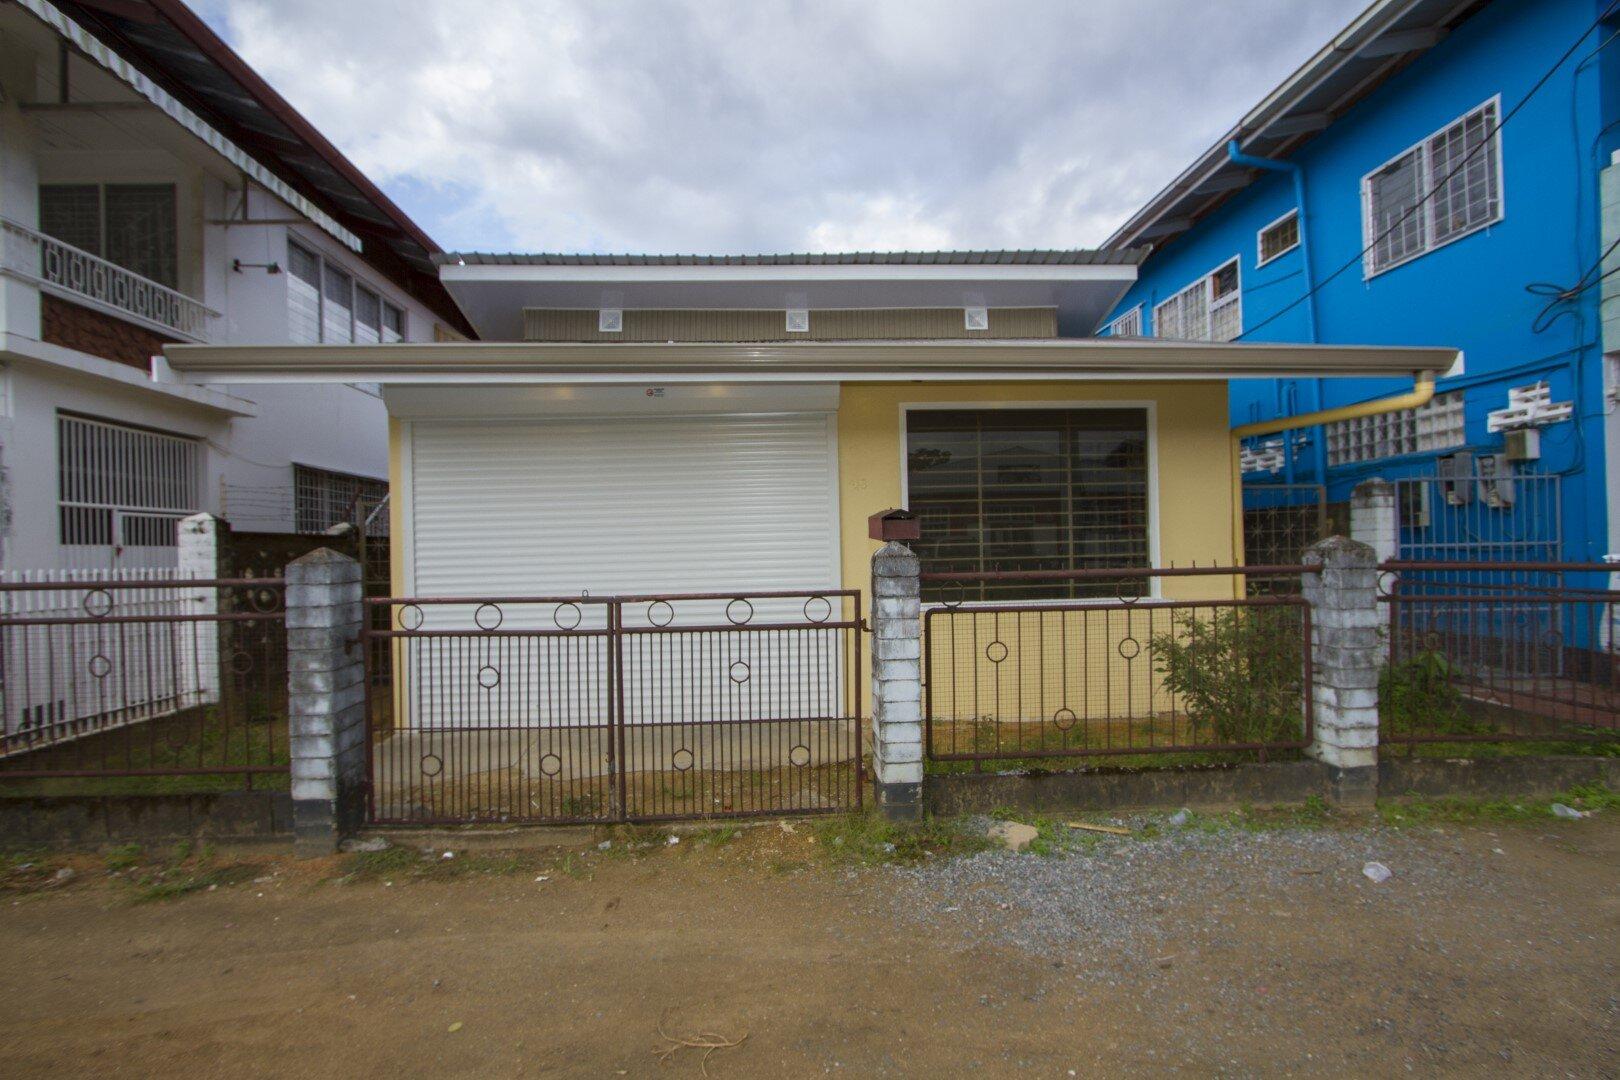 Molenpad 48 - Huurwoning/ kantoor aan een drukke verkeersader - Surgoed Makelaardij NV - Paramaribo, Suriname